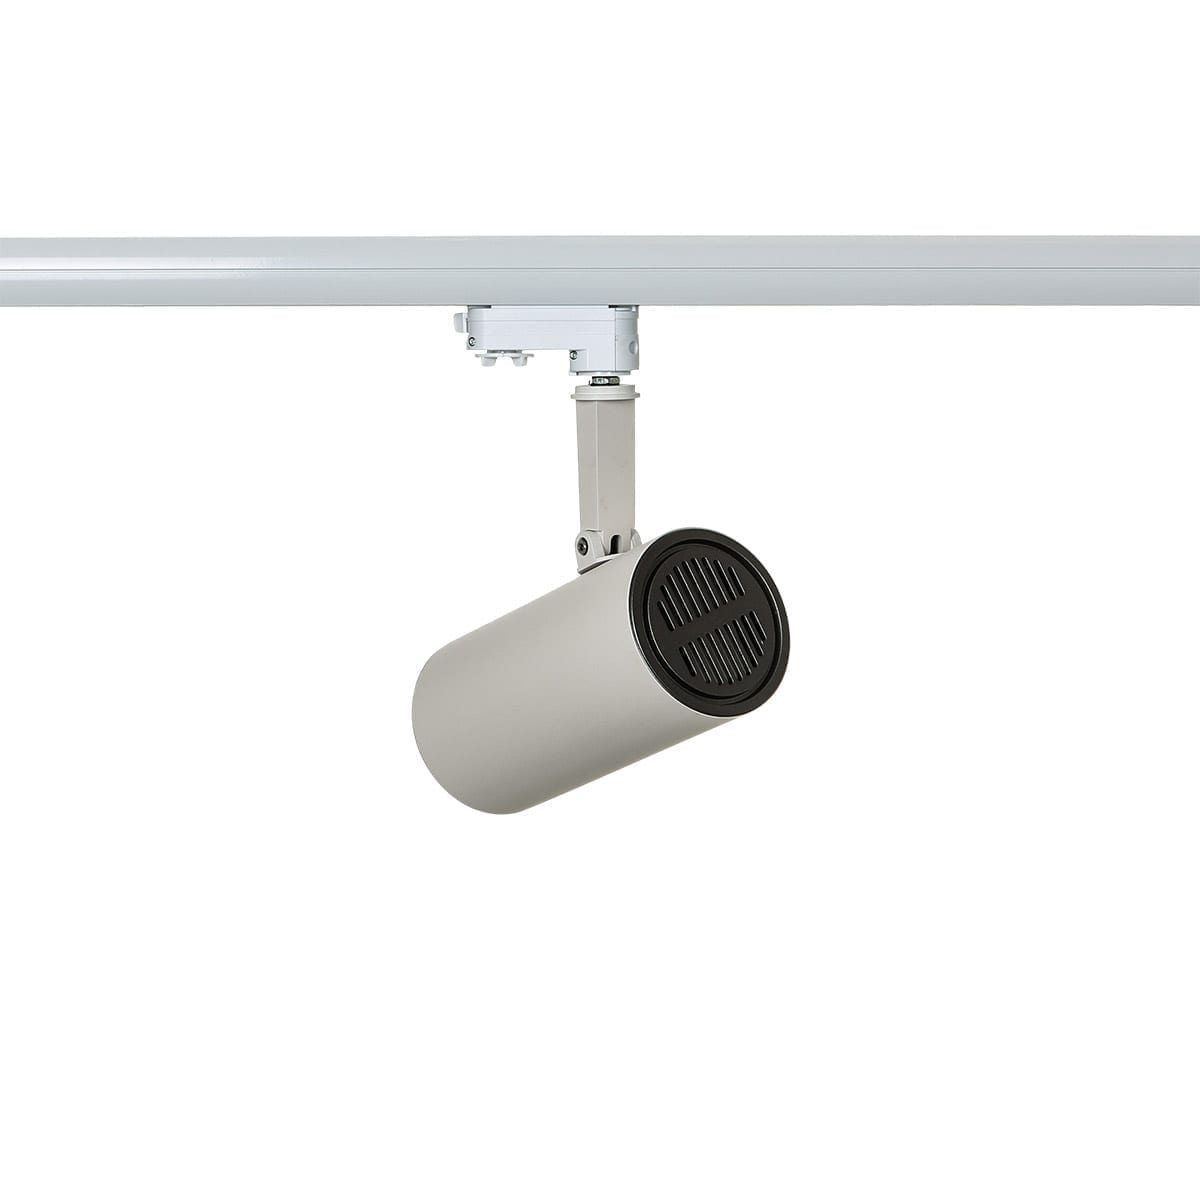 Lubinis kryptinis šviestuvas Russo M 3000K - modernaus baltos spalvos lubinis šviestuvas su integruotoma LED lempute. Šviestuvas minimalistinio ir funkcionalaus dizaino, nes šviestuvo gaubtai gali būti pakraipomi Jums norima kryptimi. Russo šviestuvai baltos spalvos, tad nesunkiai priderinamas prie įvairaus interjero. šviestuvų kolekcijos variantai: Kryptiniai šviestuvas vienu lemputės lizdu su 3000K šviesos spalva M dydžio Kryptiniai šviestuvas vienu lemputės lizdu su 3000K šviesos spalva L dydžio Kryptiniai šviestuvai vienu lemputės lizdu su 4000K šviesos spalva M dydžio Kryptiniai šviestuvai vienu lemputės lizdu su 4000K šviesos spalva L dydžio Russo yra vienos žinomiausių Lenkijos šviestuvų gamintojų įmonės Italux produktas. Šios įmonės gaminami šviestuvai pasižymi inovatyviomis idėjomis, išskirtiniu dizainu bei pačia aukščiausia kokybe. Spalvų deriniai atrinkti taip, jog šviestuvą būtų galimą pritaikyti prie bet kokio interjero dizaino. Visus Russo ir kitų šviestuvų variantus galite peržiūrėti ir gamintojo svetainėje.